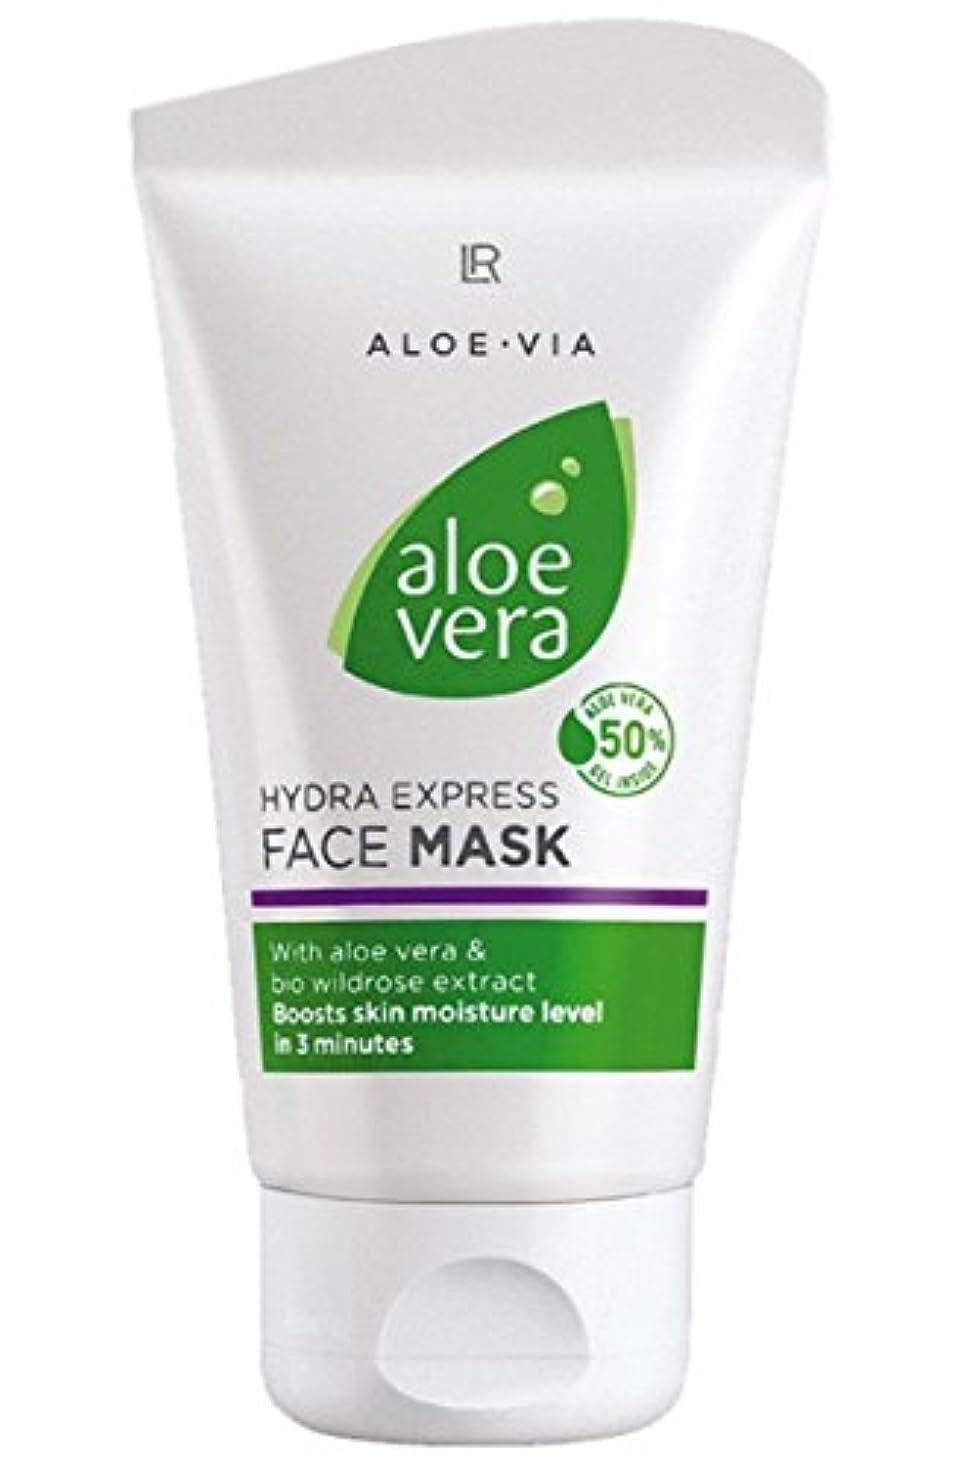 にもかかわらず説得美容師L R アロエベラ顔ヒアルロン酸、シアバター、オリーブオイルとアロエ?ベラ(50%)75 mlでマスク集中水和マスク